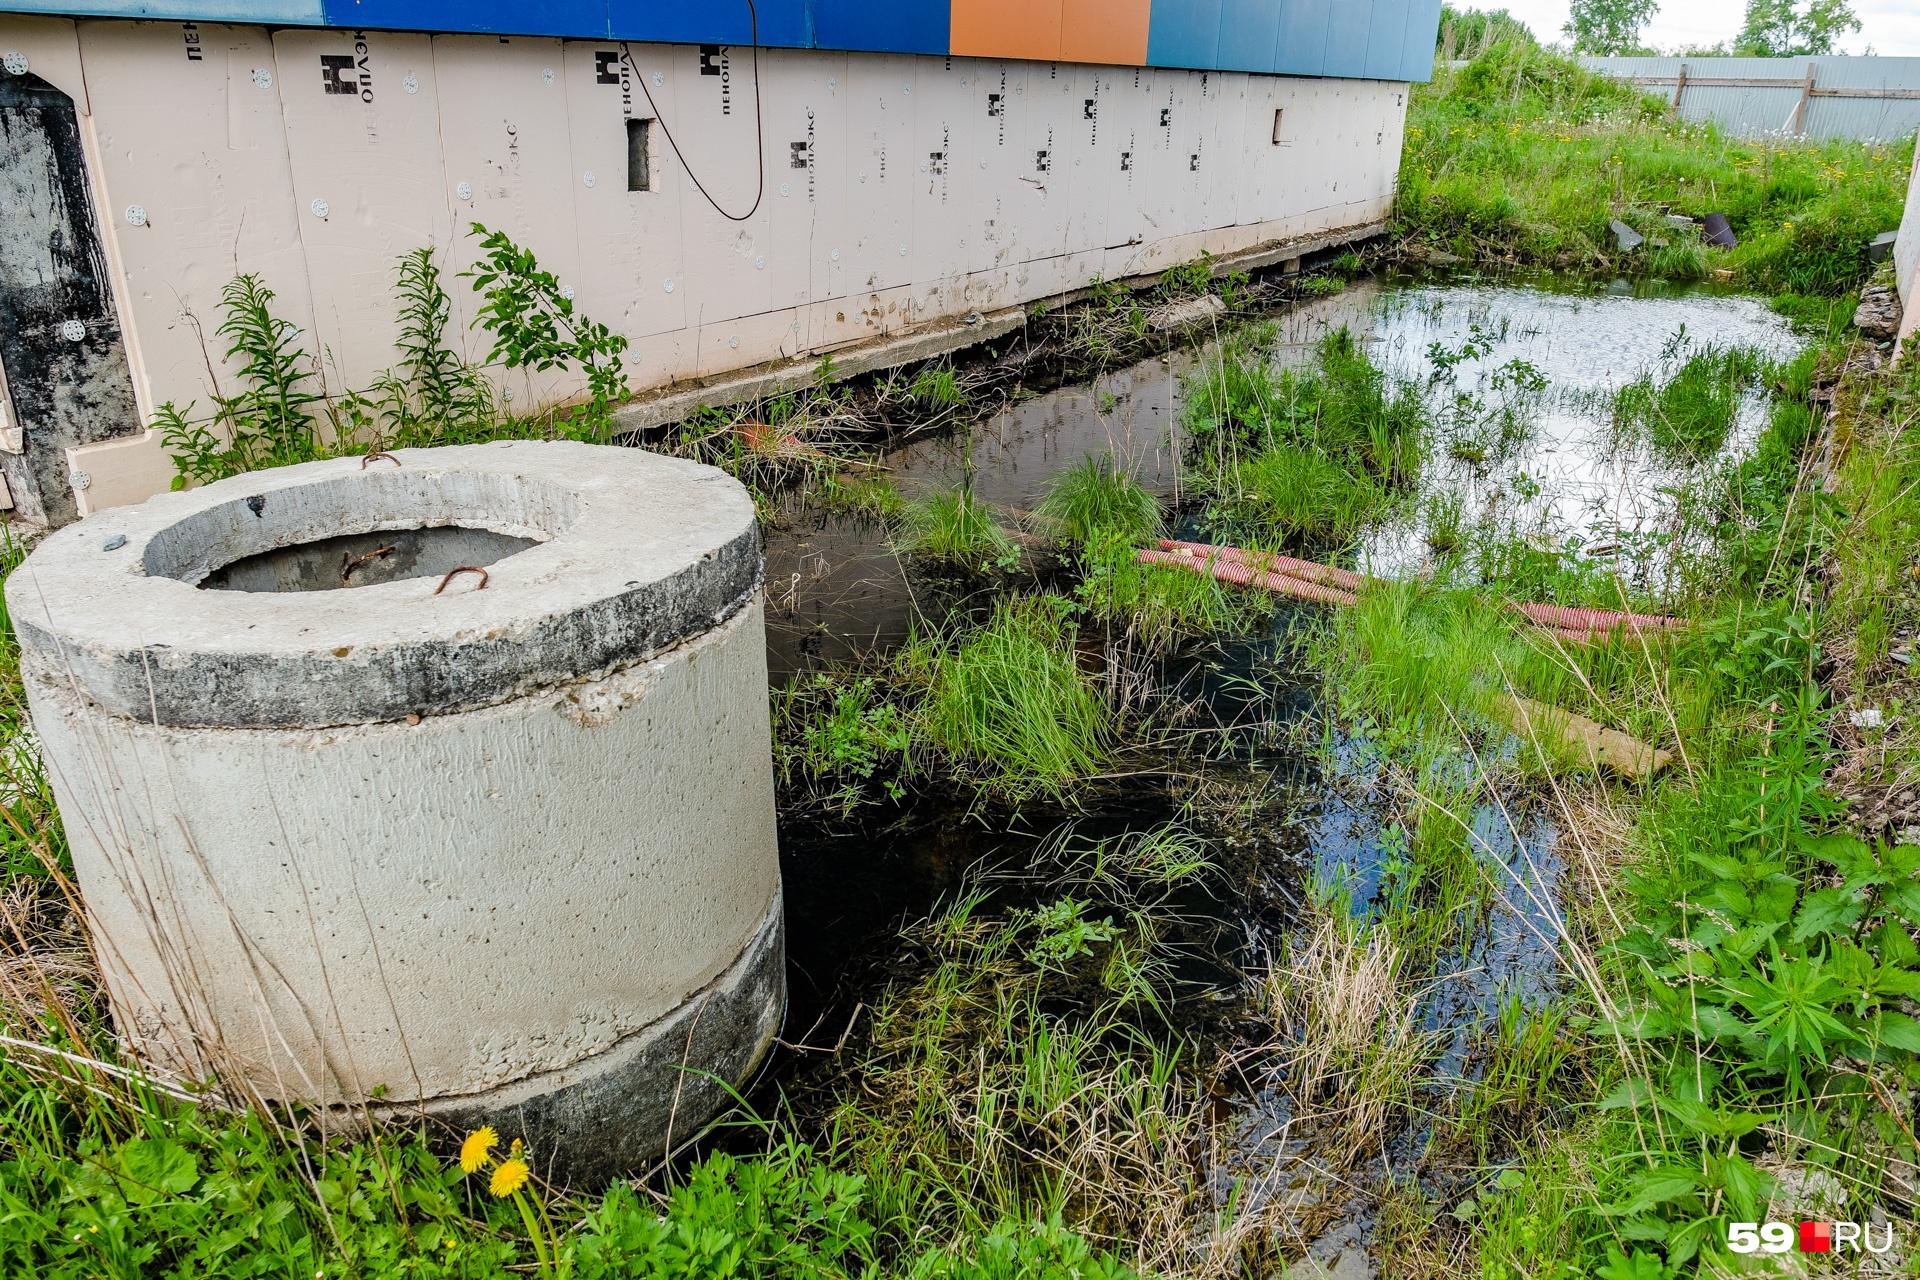 Фото сделано в июне этого года. Рядом с домами даже в сухую погоду стоит вода